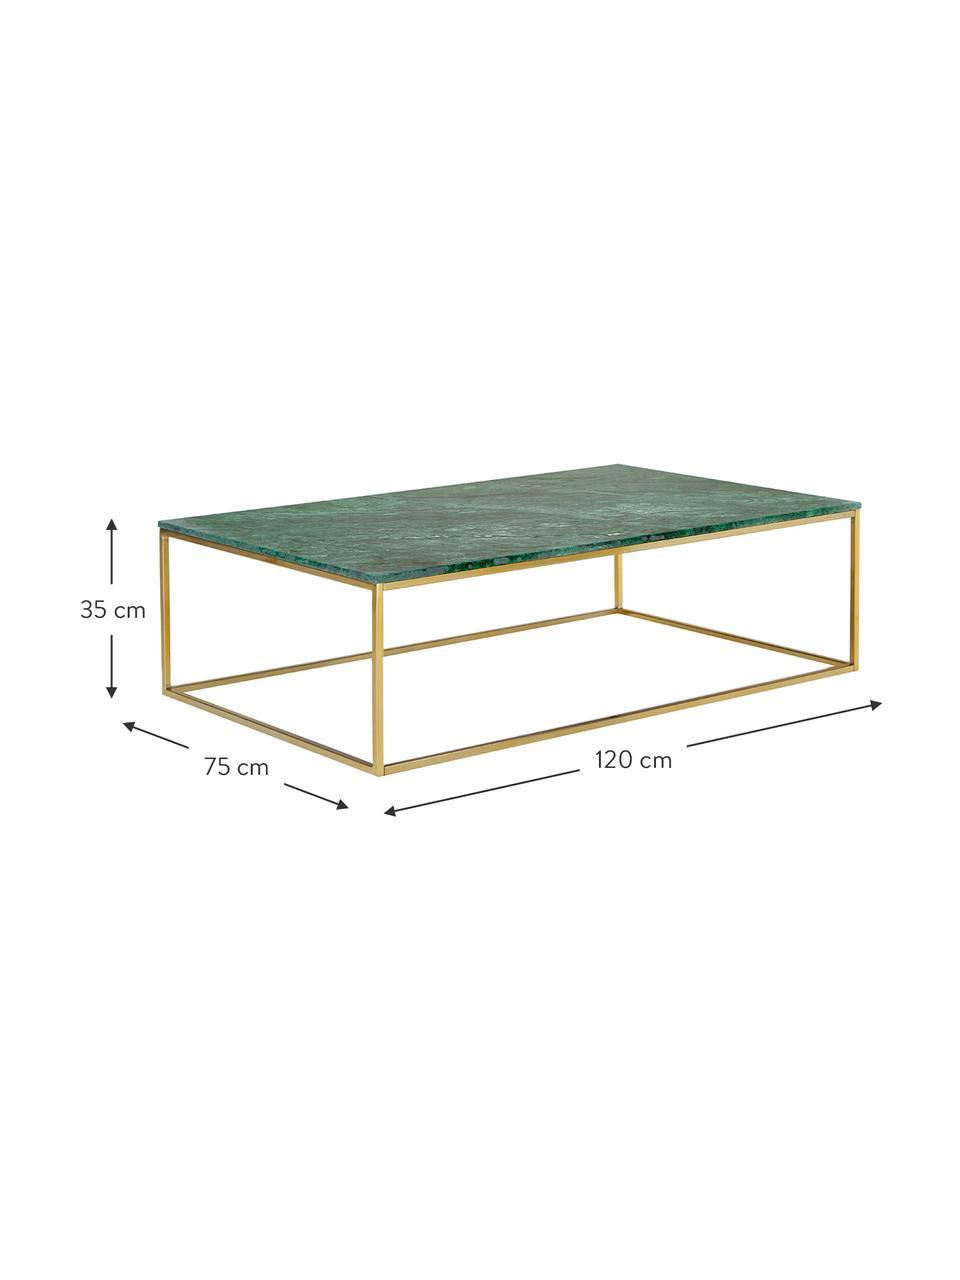 Grande table basse en marbreAlys, Marbre vert, couleur dorée